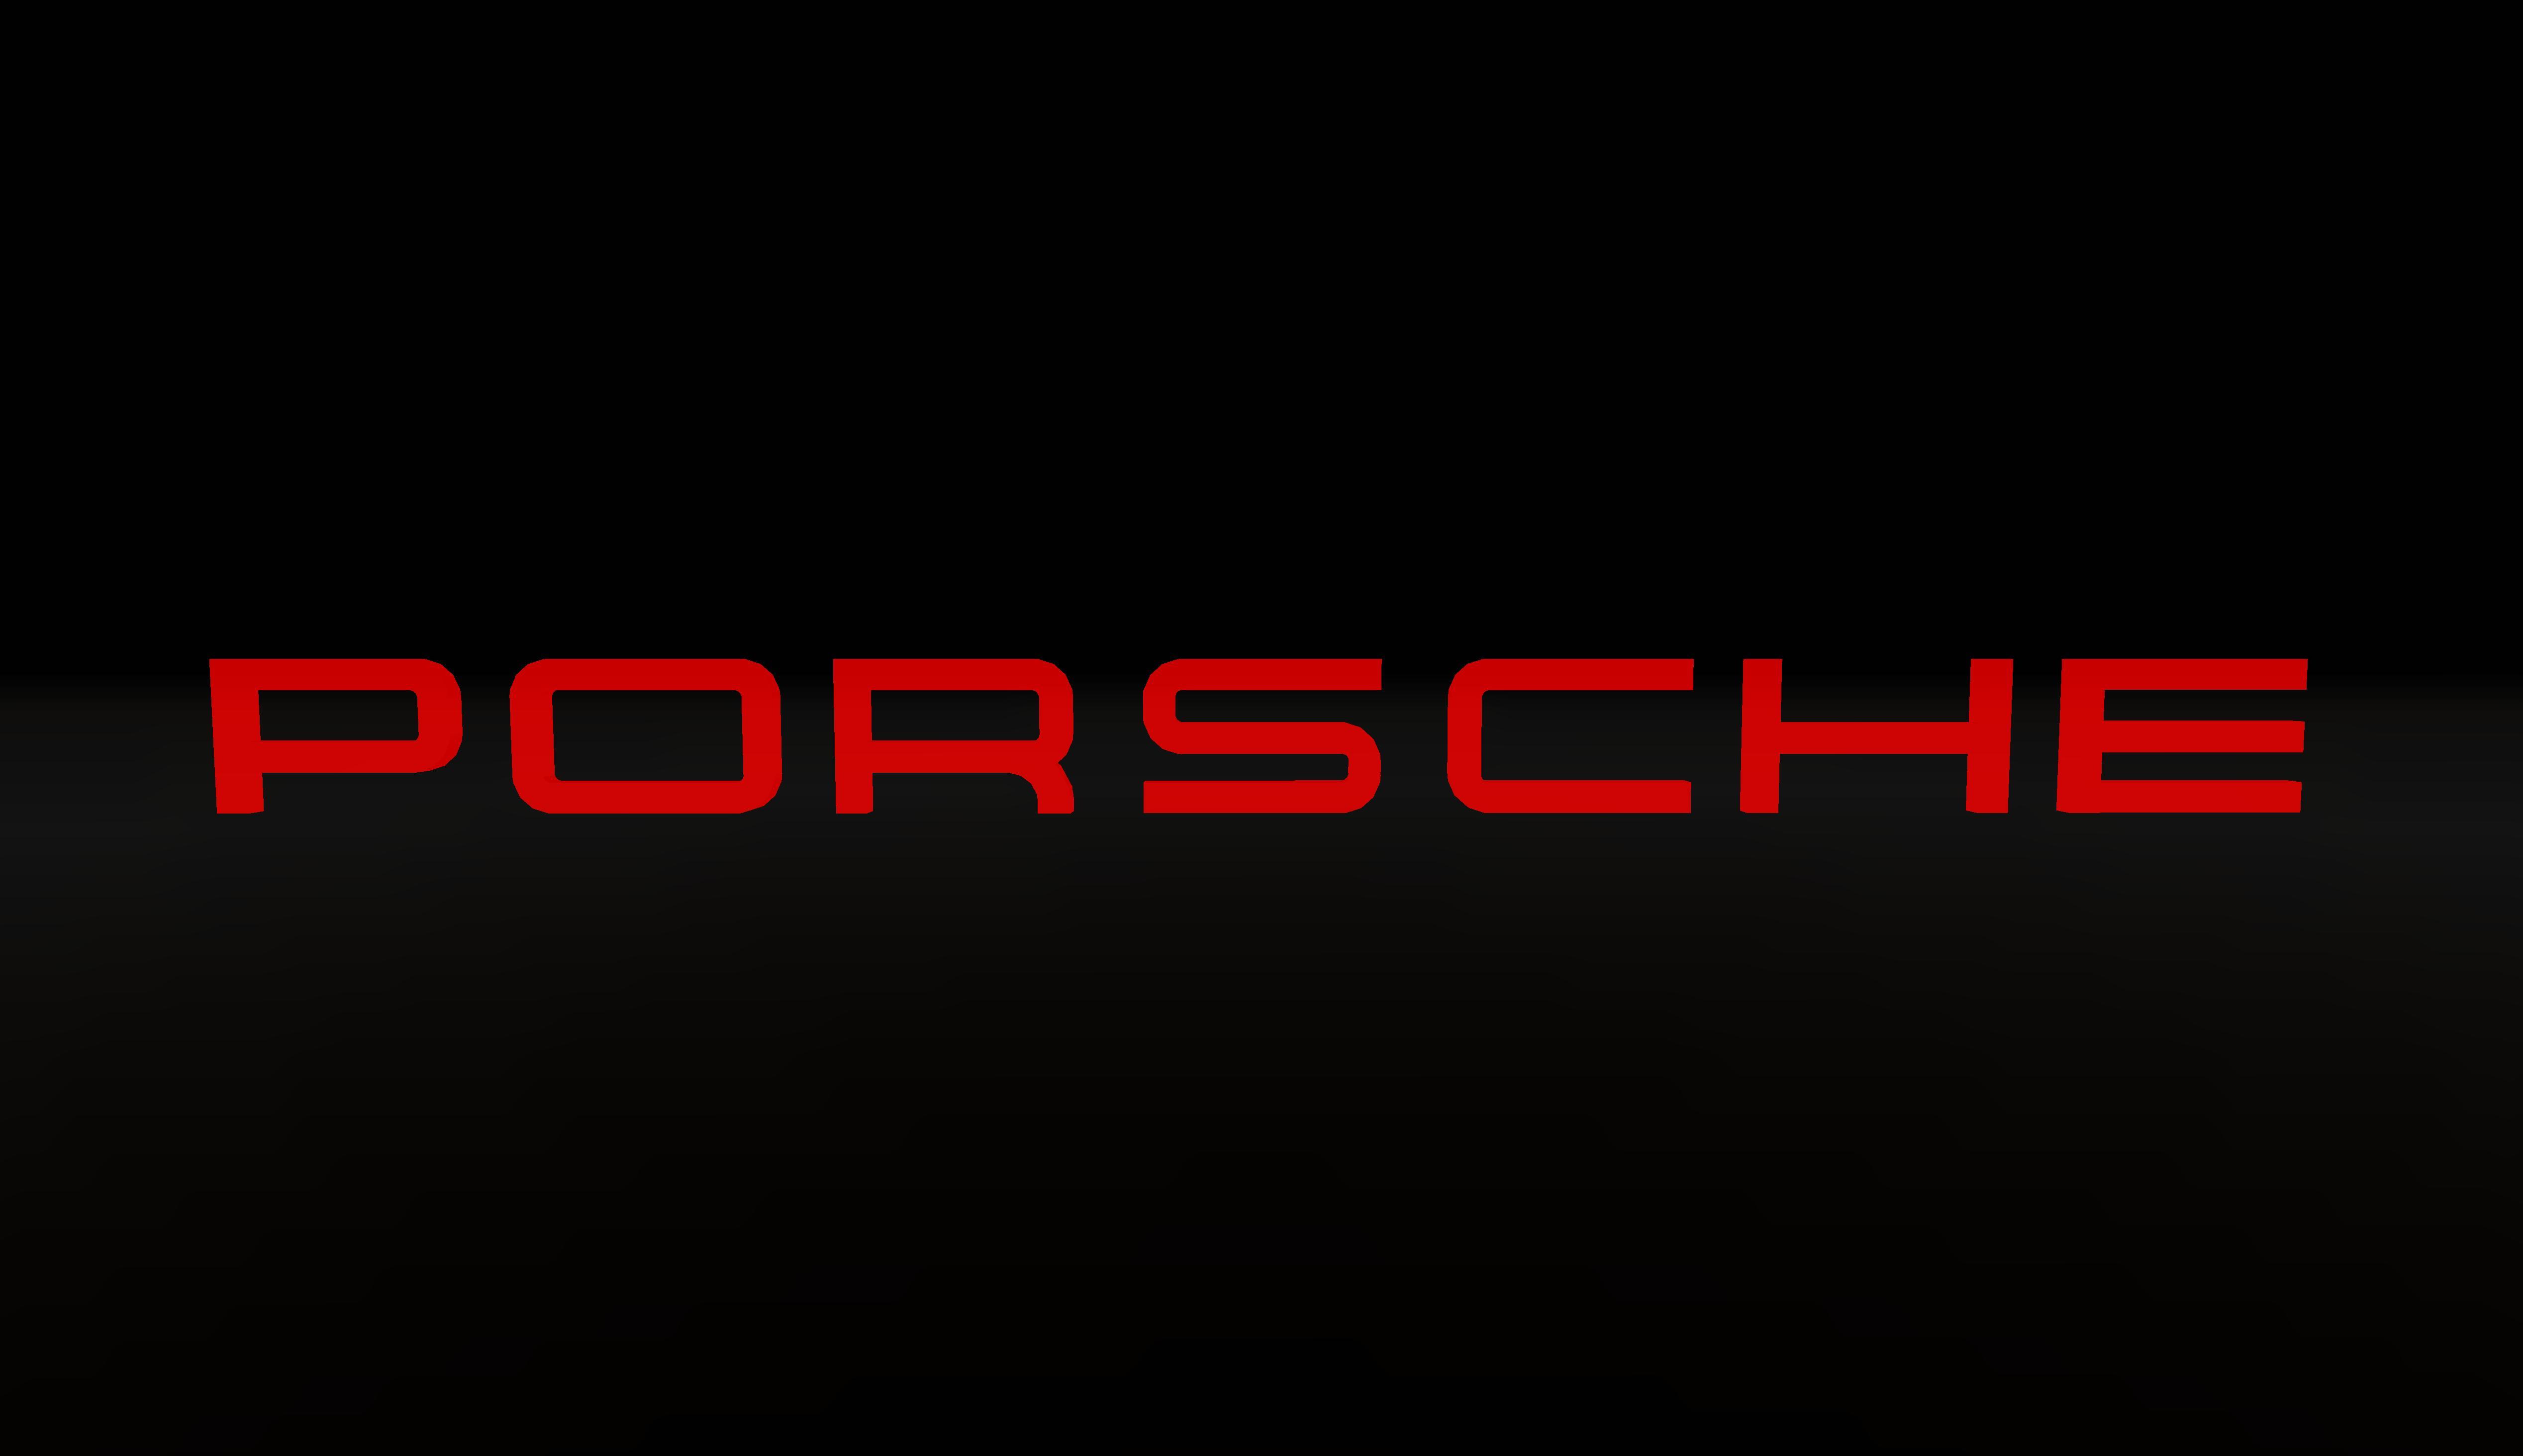 Porsche Wallpaper by ez-bone on DeviantArt